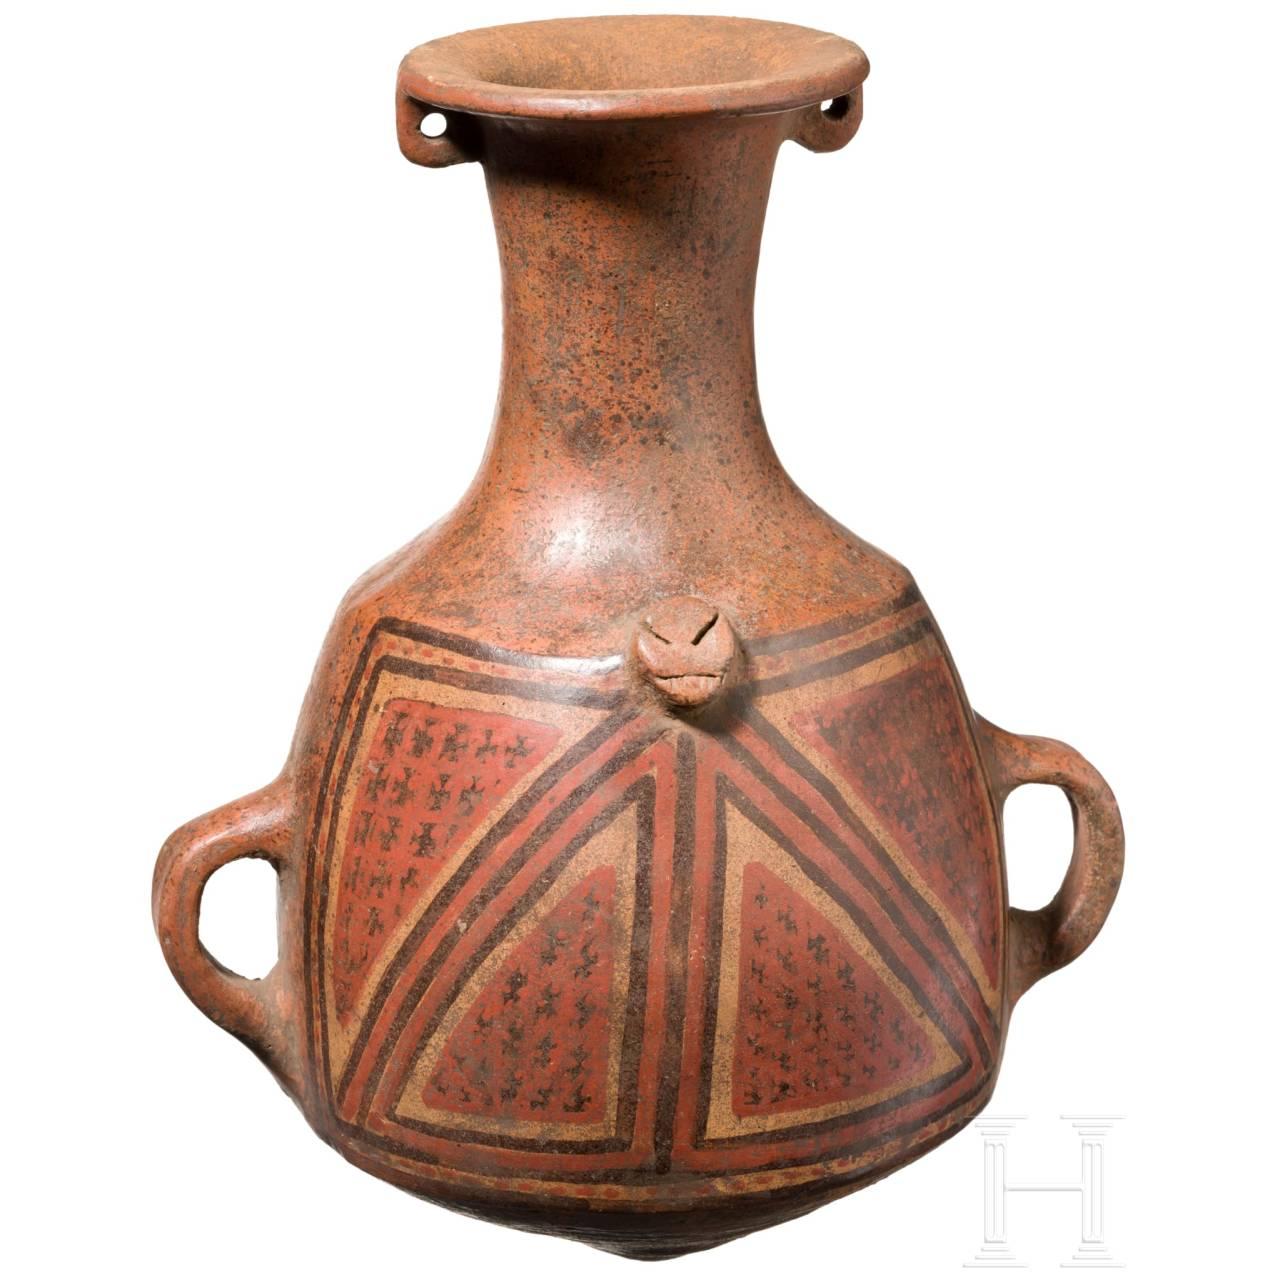 Bauchige Ticachurana-Flasche, Inka, Peru, 15. – 16. Jhdt.